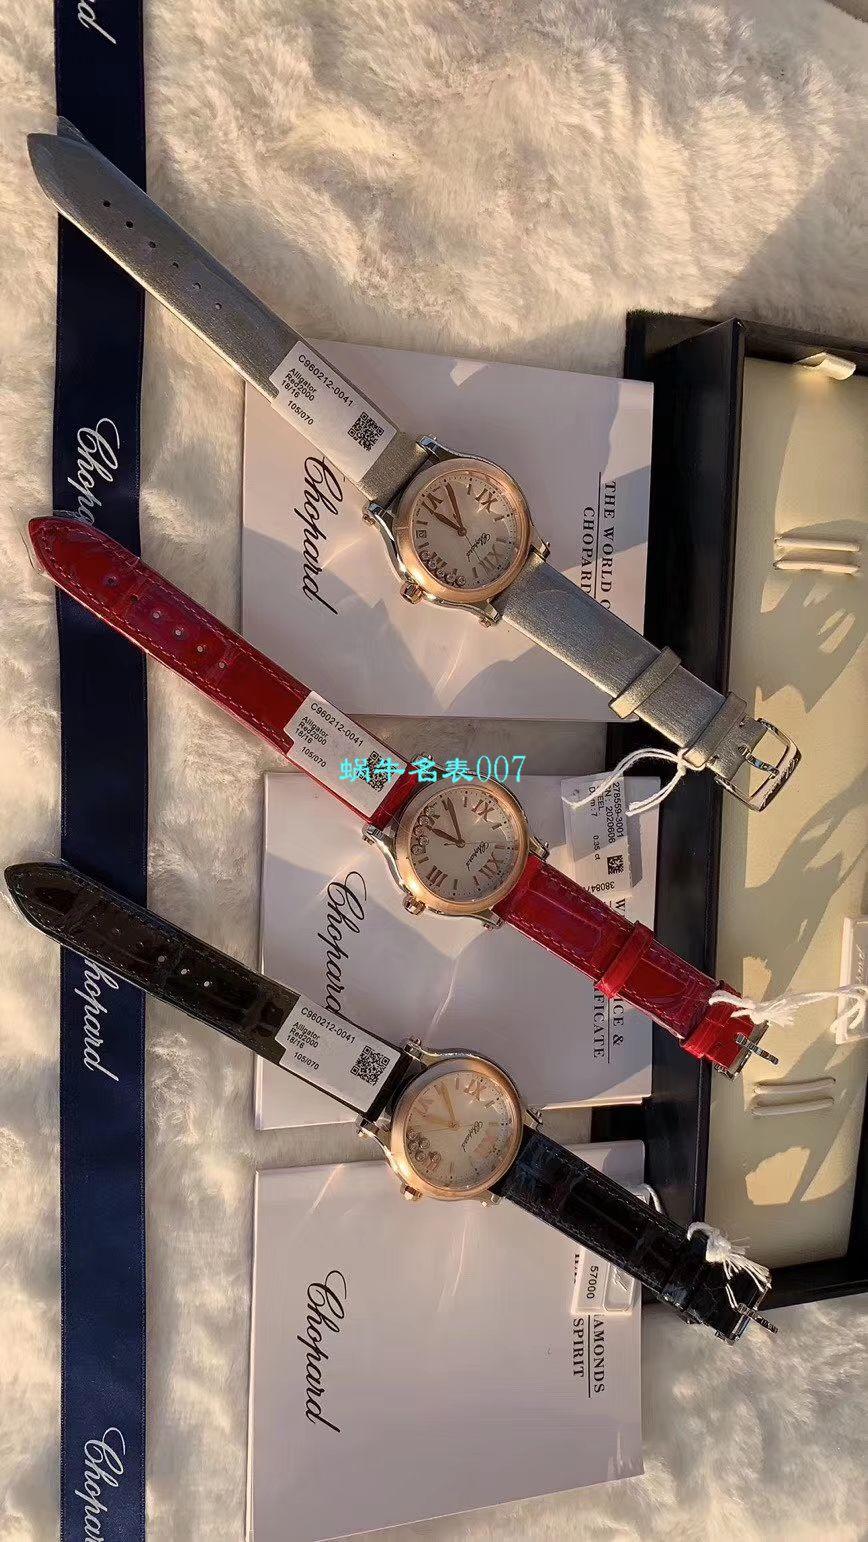 NR厂超A高仿萧邦36毫米女士石英HAPPY SPORT系列278582-6005腕表 / XB059